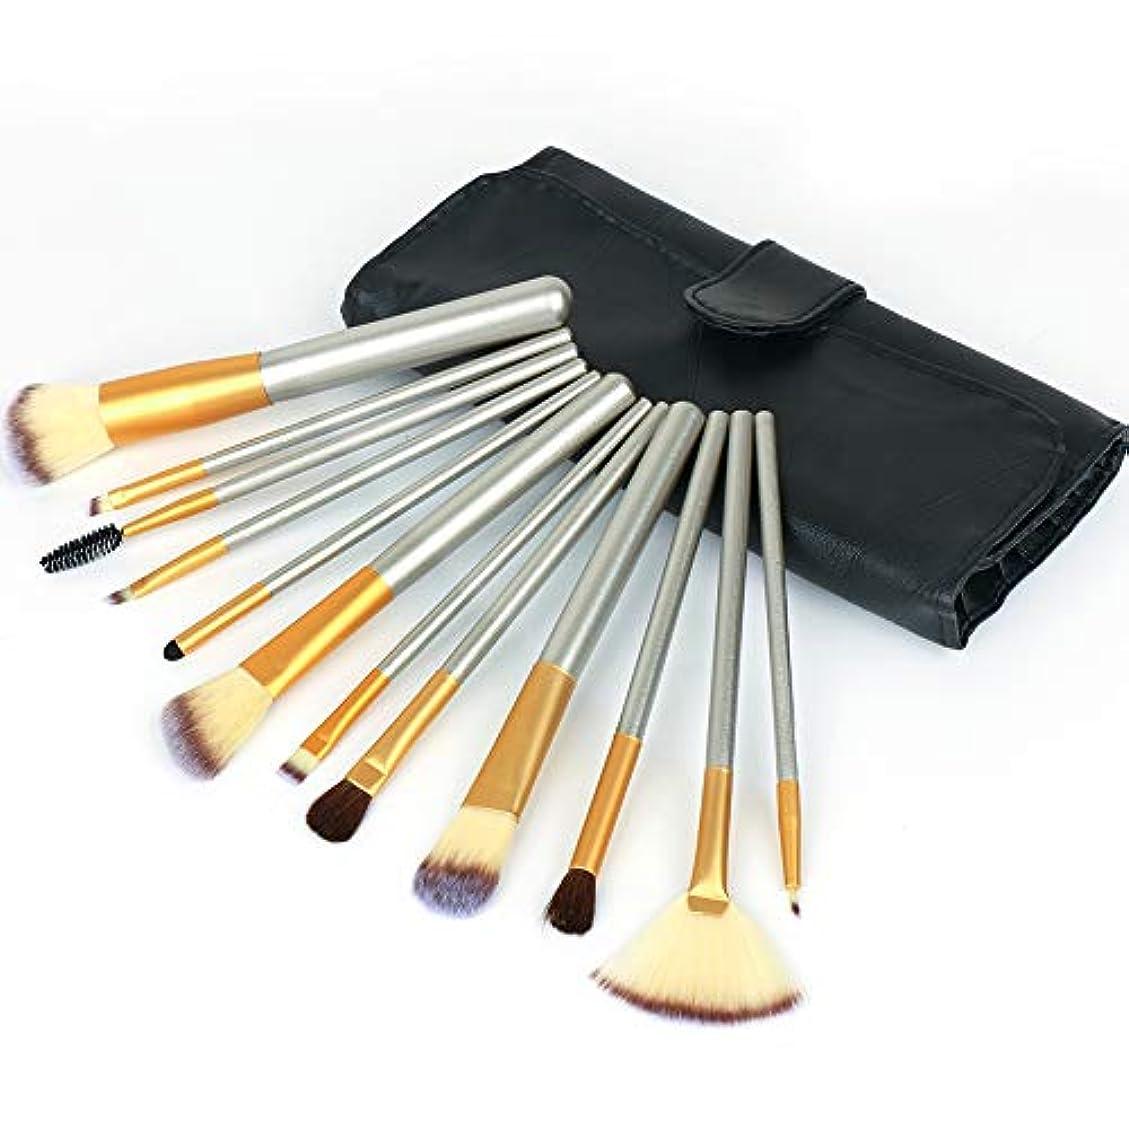 ペネロペ士気かすれたメイクブラシセット 12本 プロ 高級 化粧筆 柔らかい 化粧ブラシ フェイスブラシ コスメブラシ MANLI 専用ポーチ付